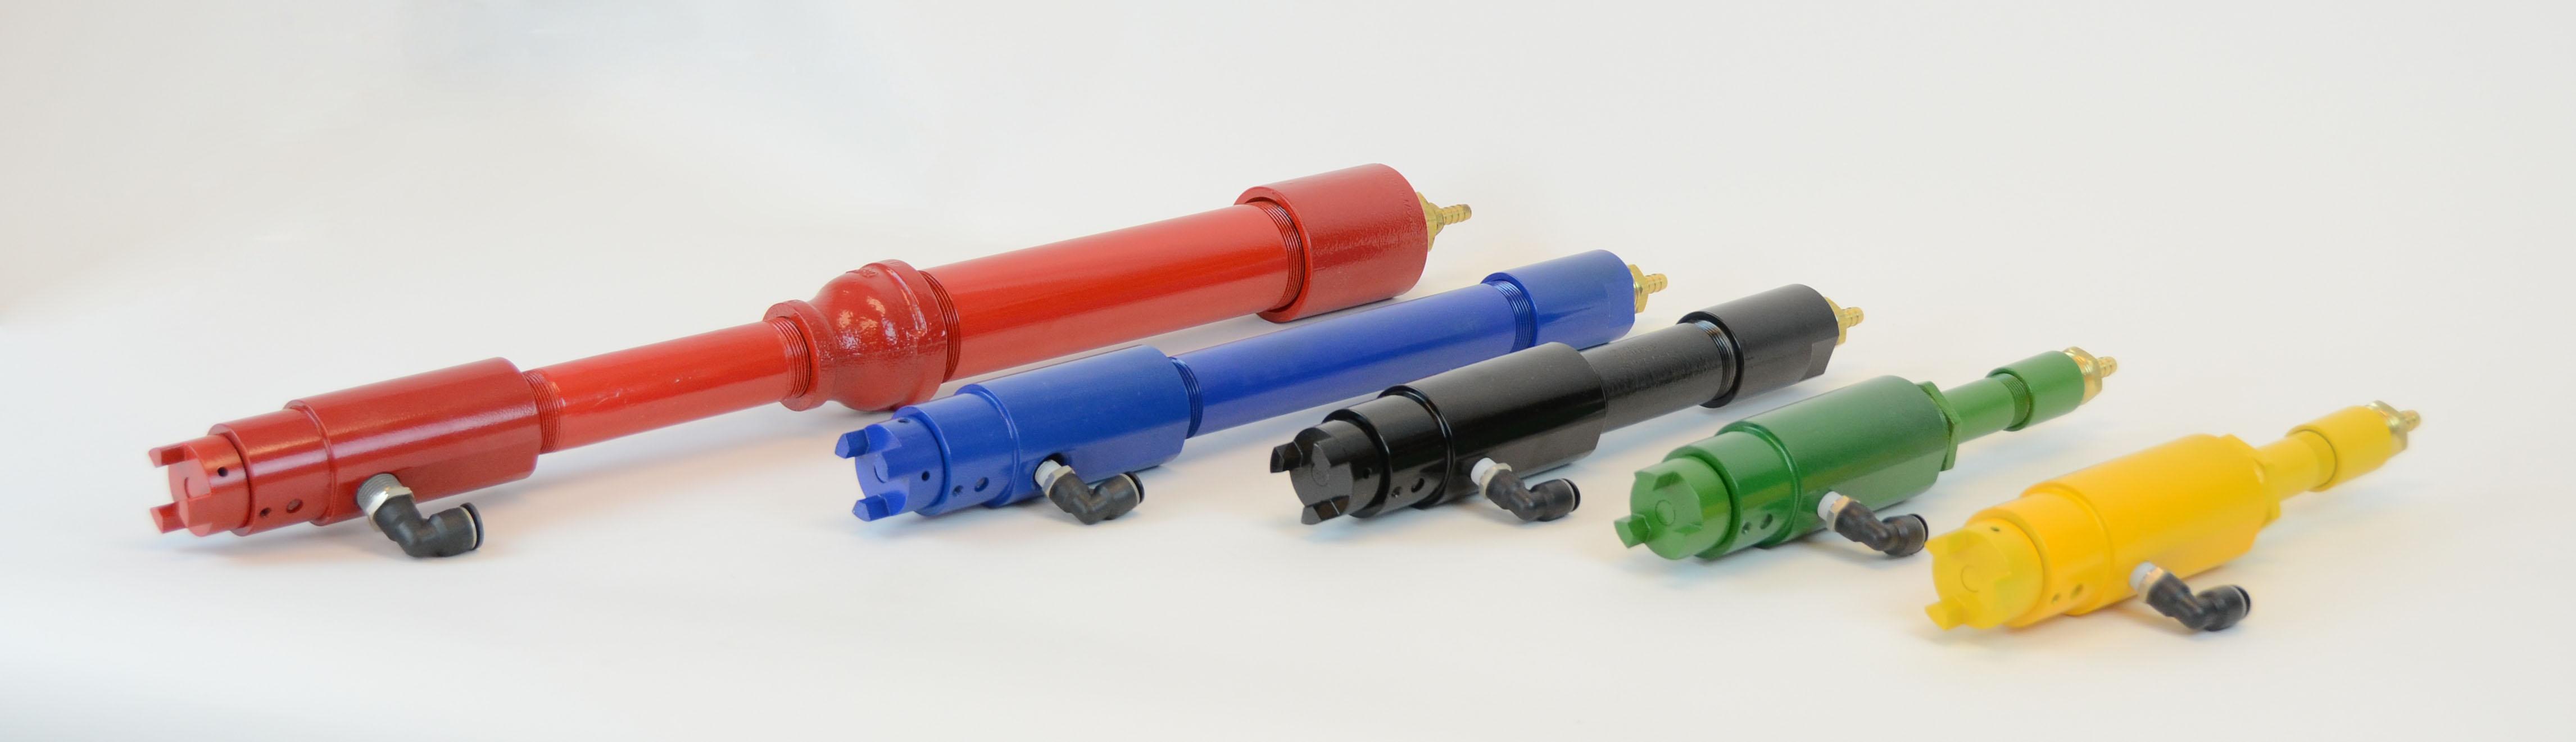 PCA Pumps